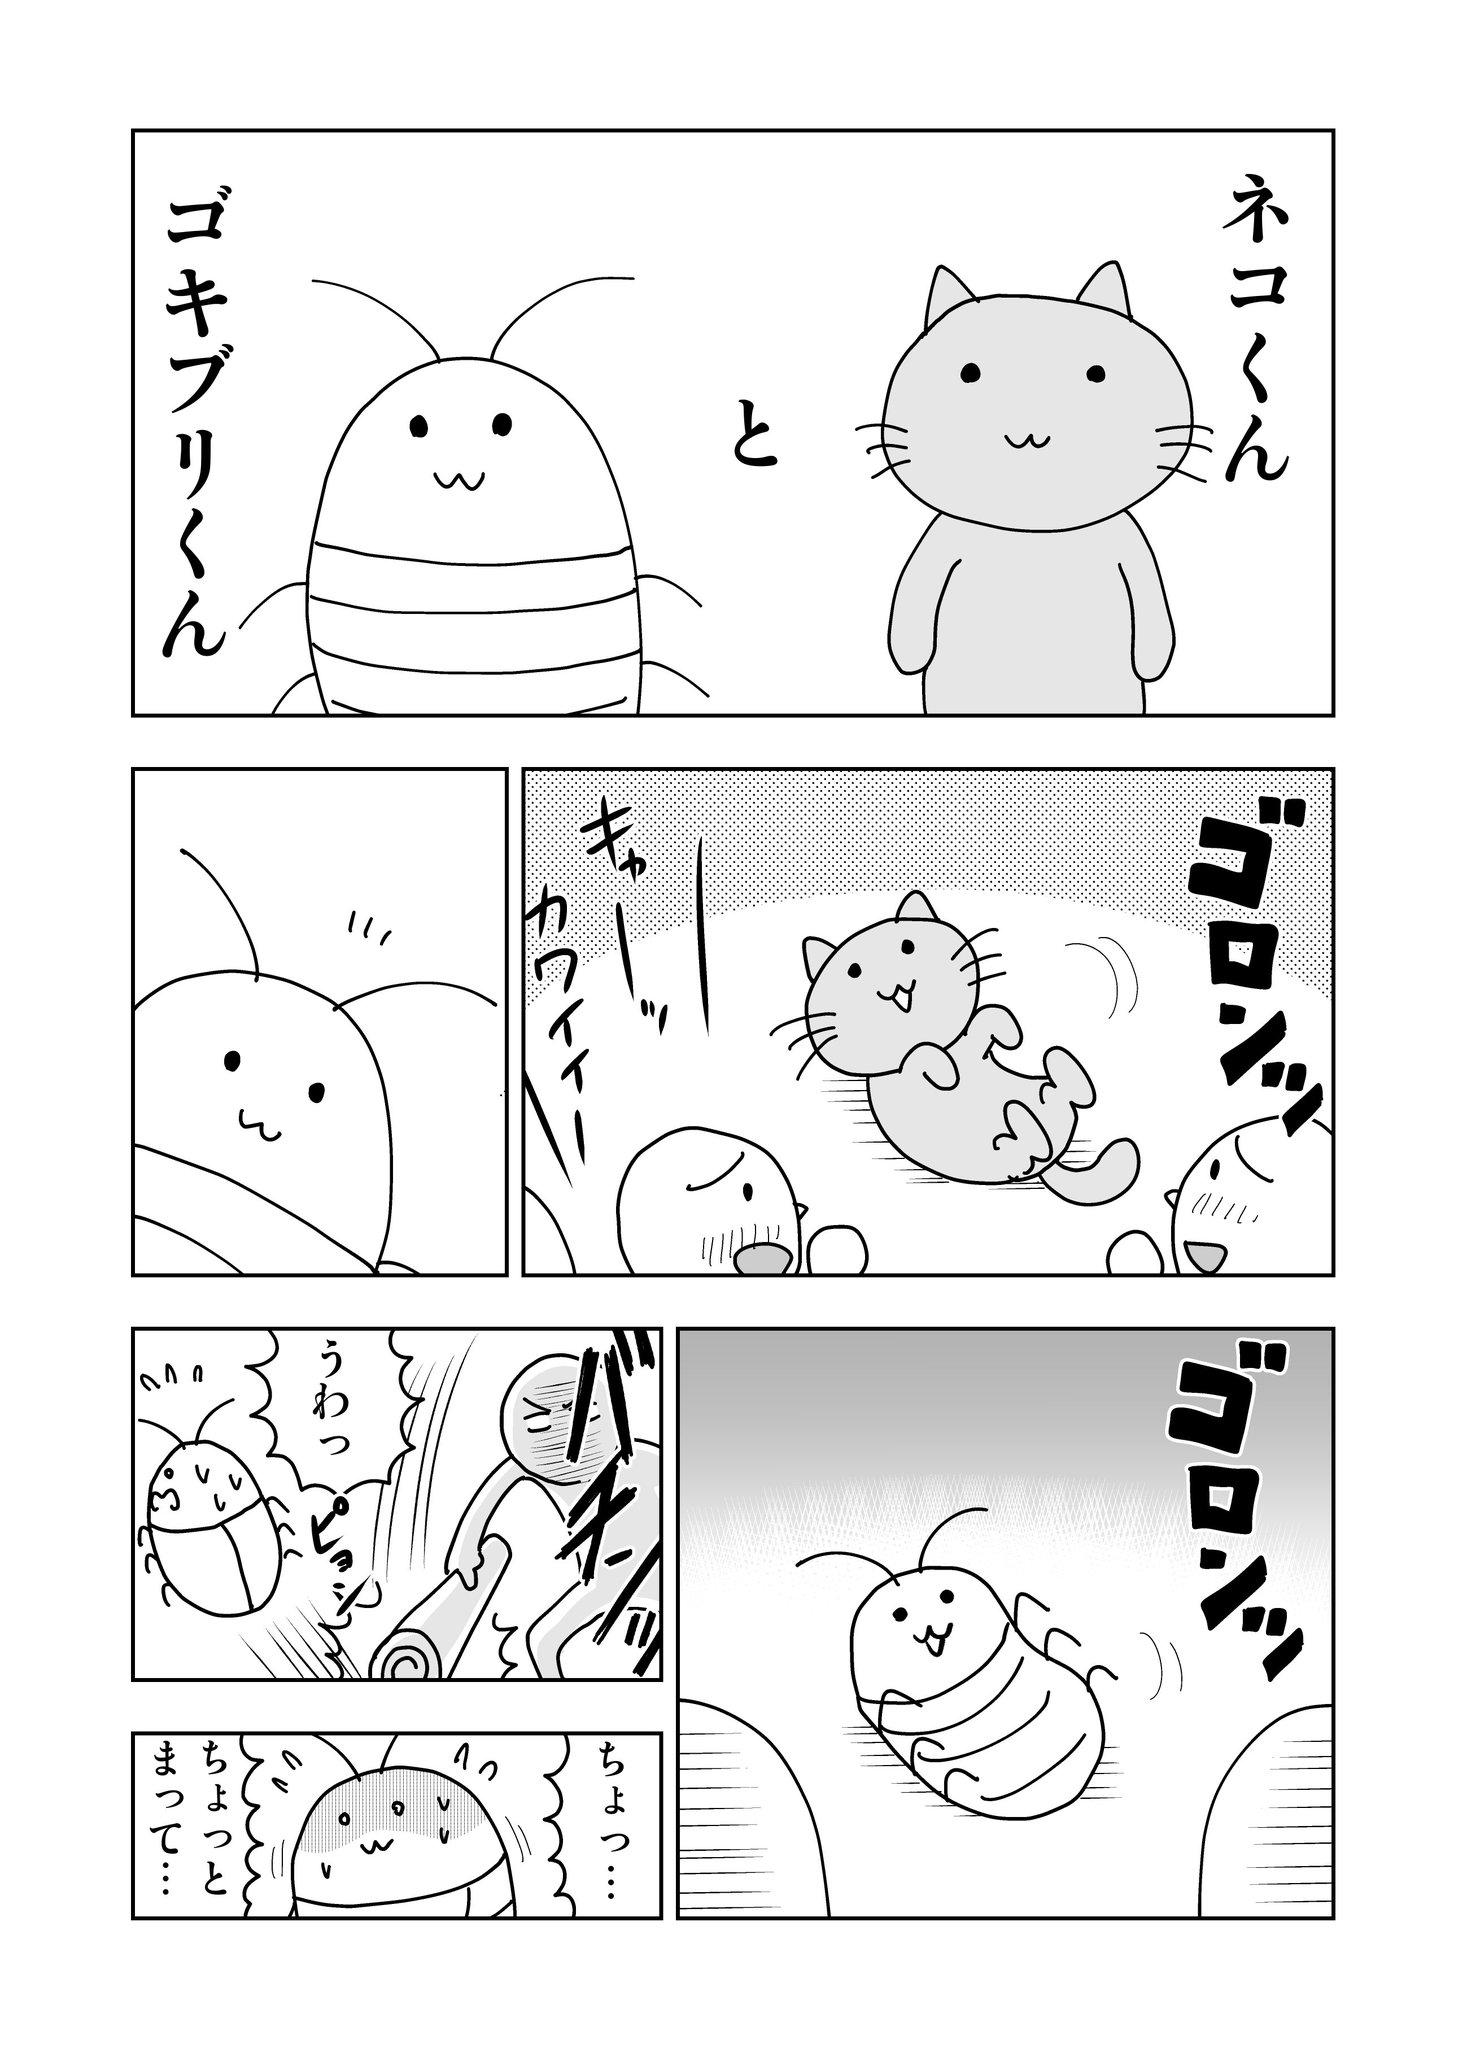 「ネコくんとゴキブリくん」